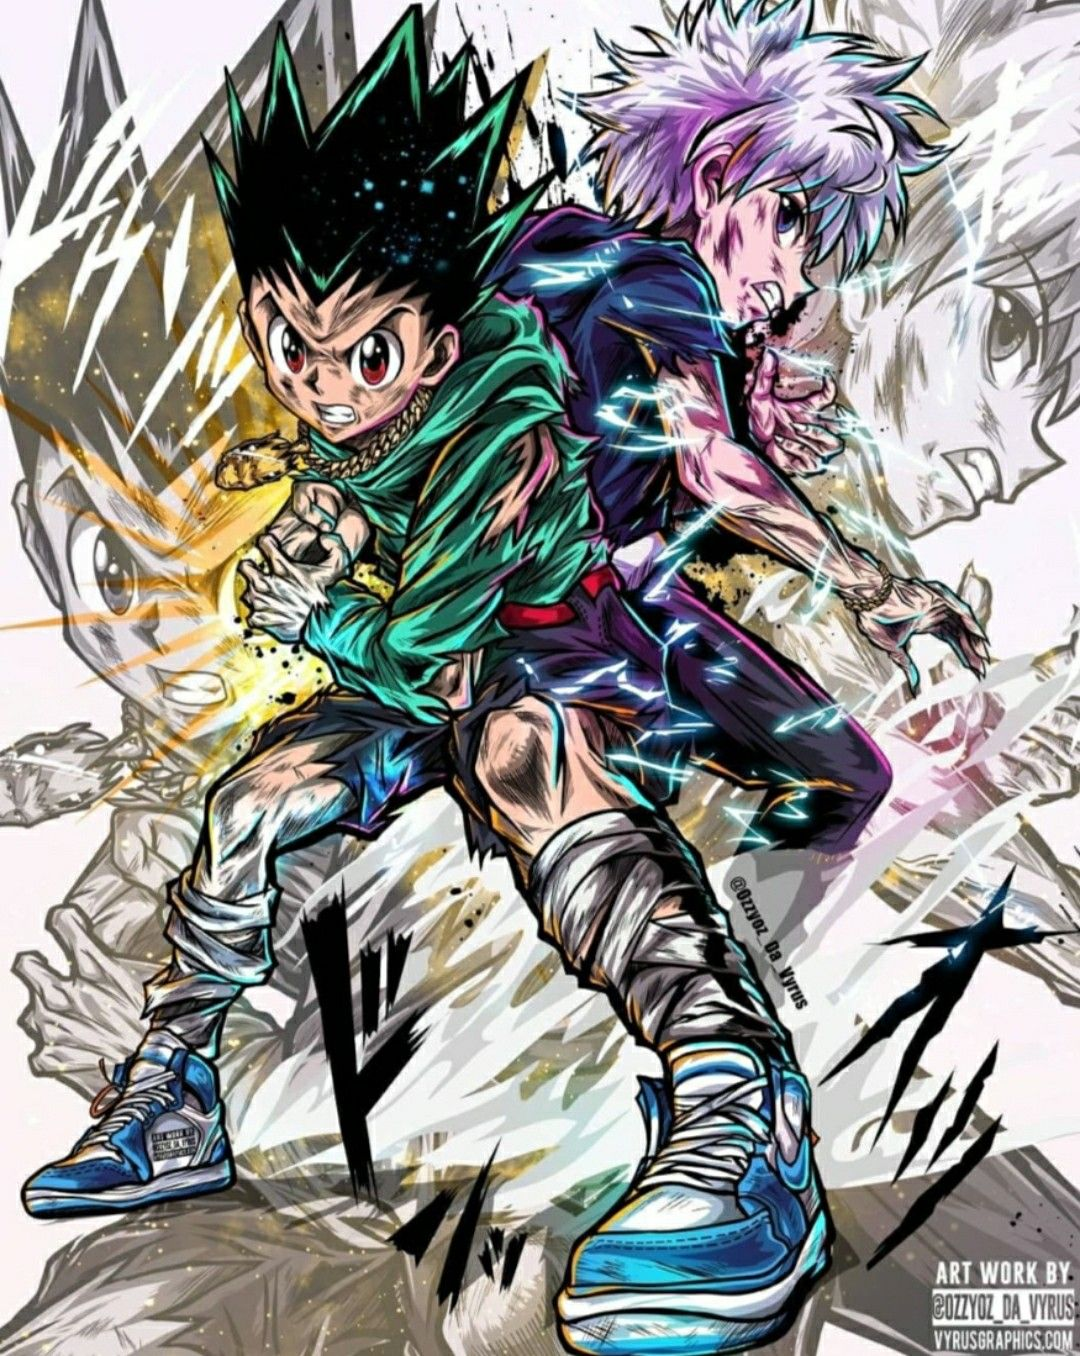 Dessin Manga En 2020 Fond D Ecran Dessin Fond D Ecran Telephone Fond D Ecran Telephone Manga